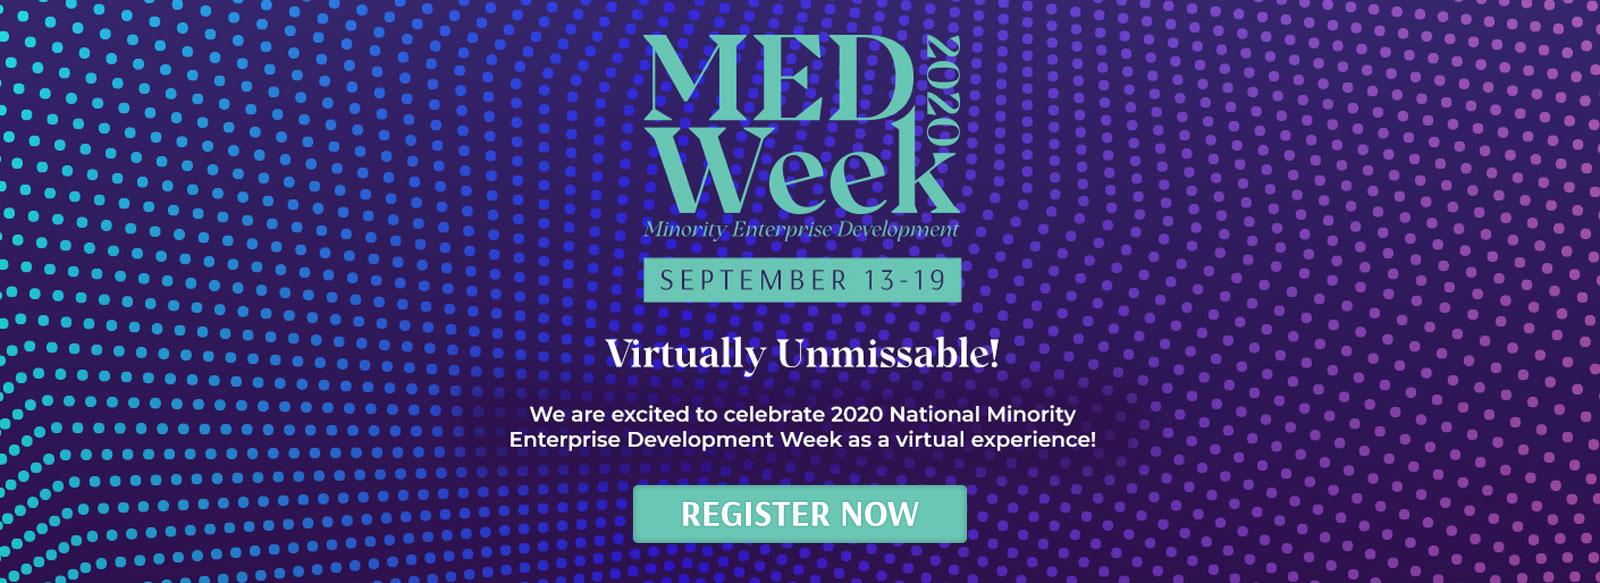 MED Week Conference